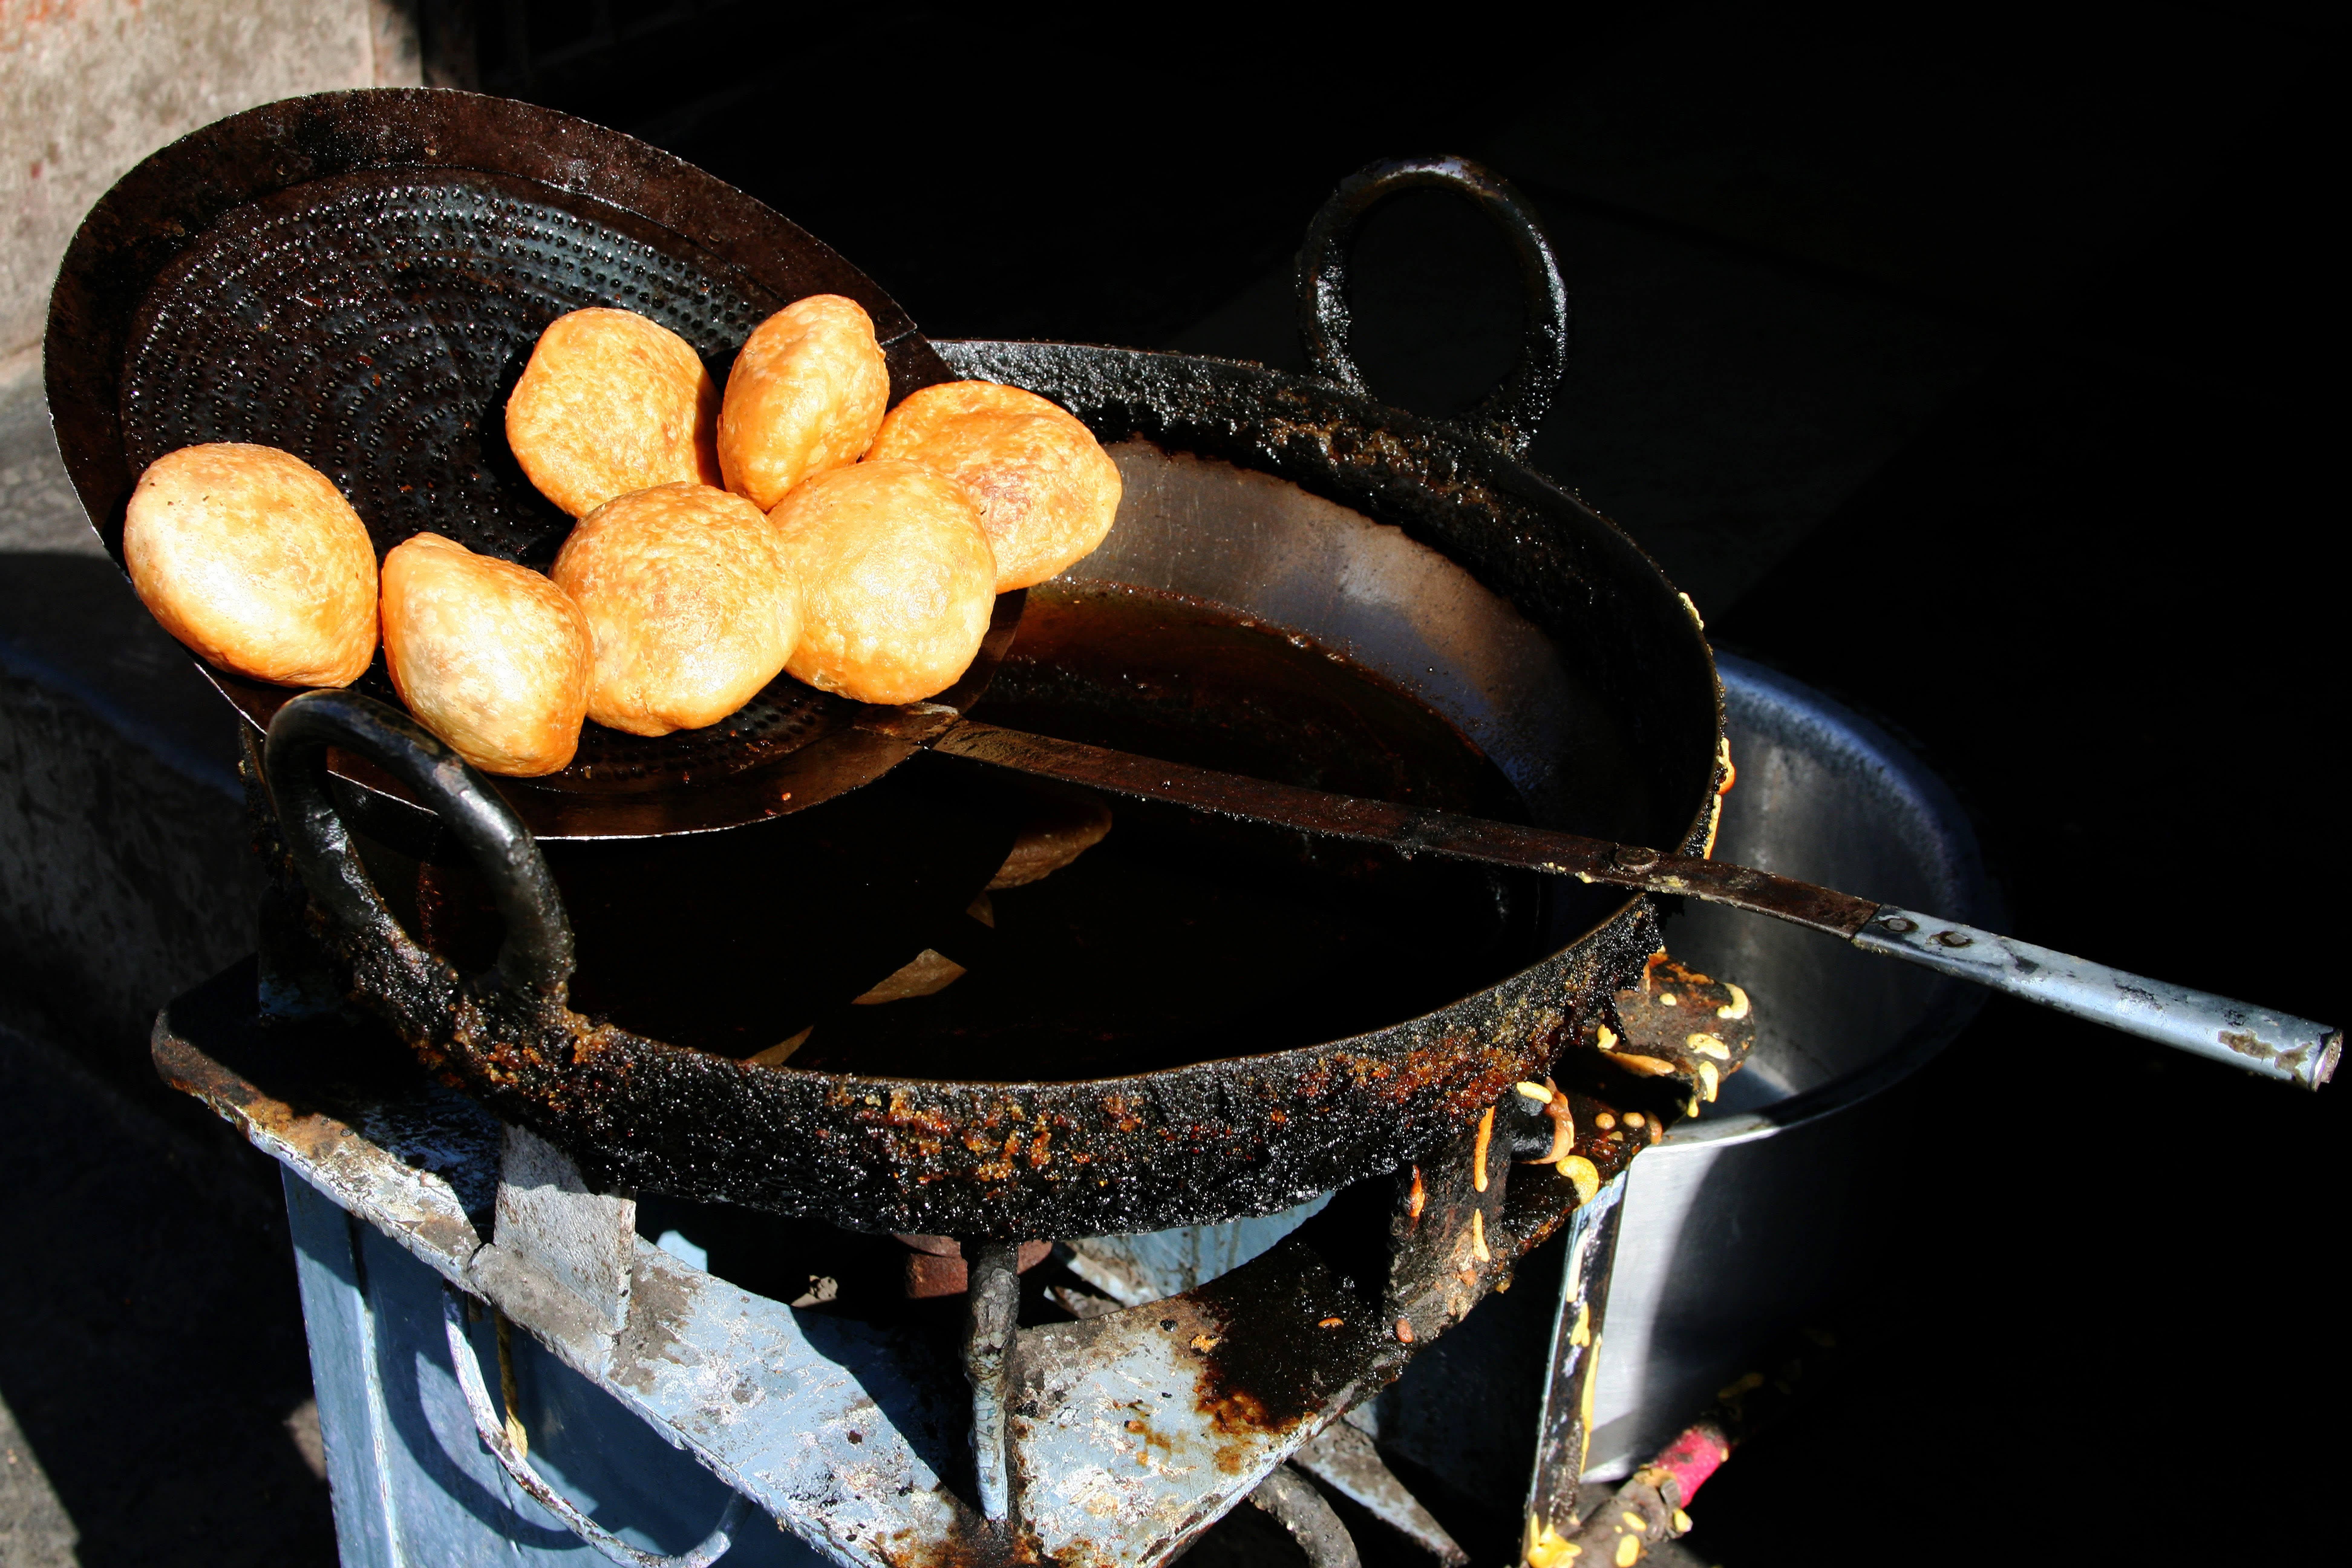 Köstliche frittierte Bällchen auf einer Street Food Tour in Old Delhi